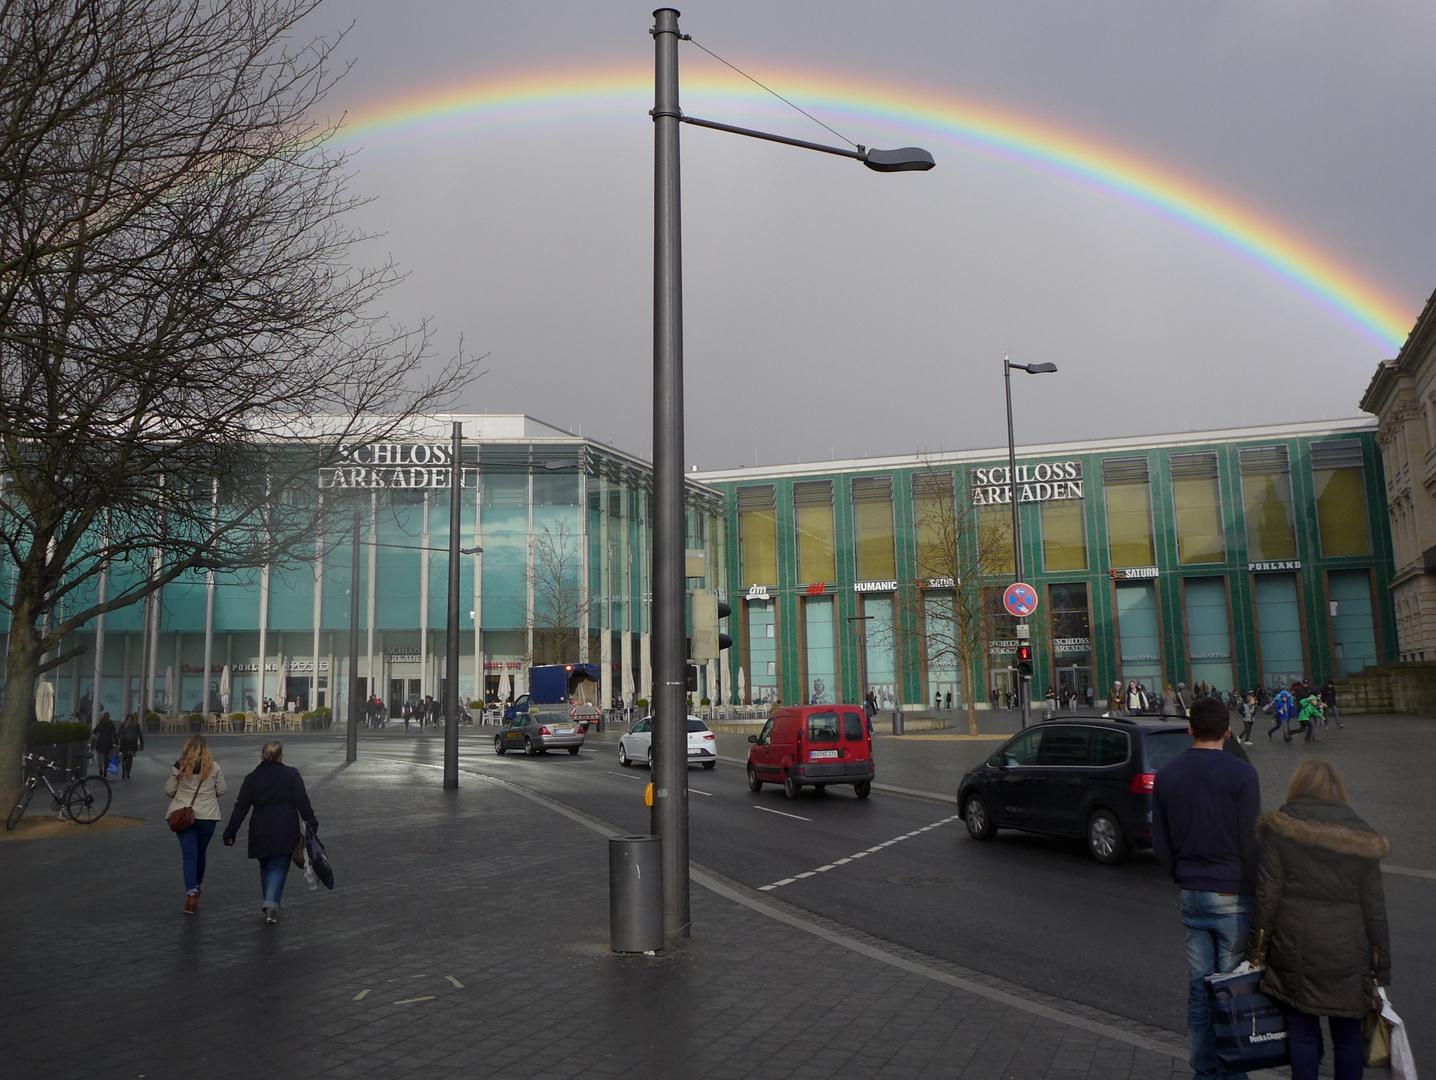 Ein Regenbogen zwischen Schlosscarree und Schlossarkaden